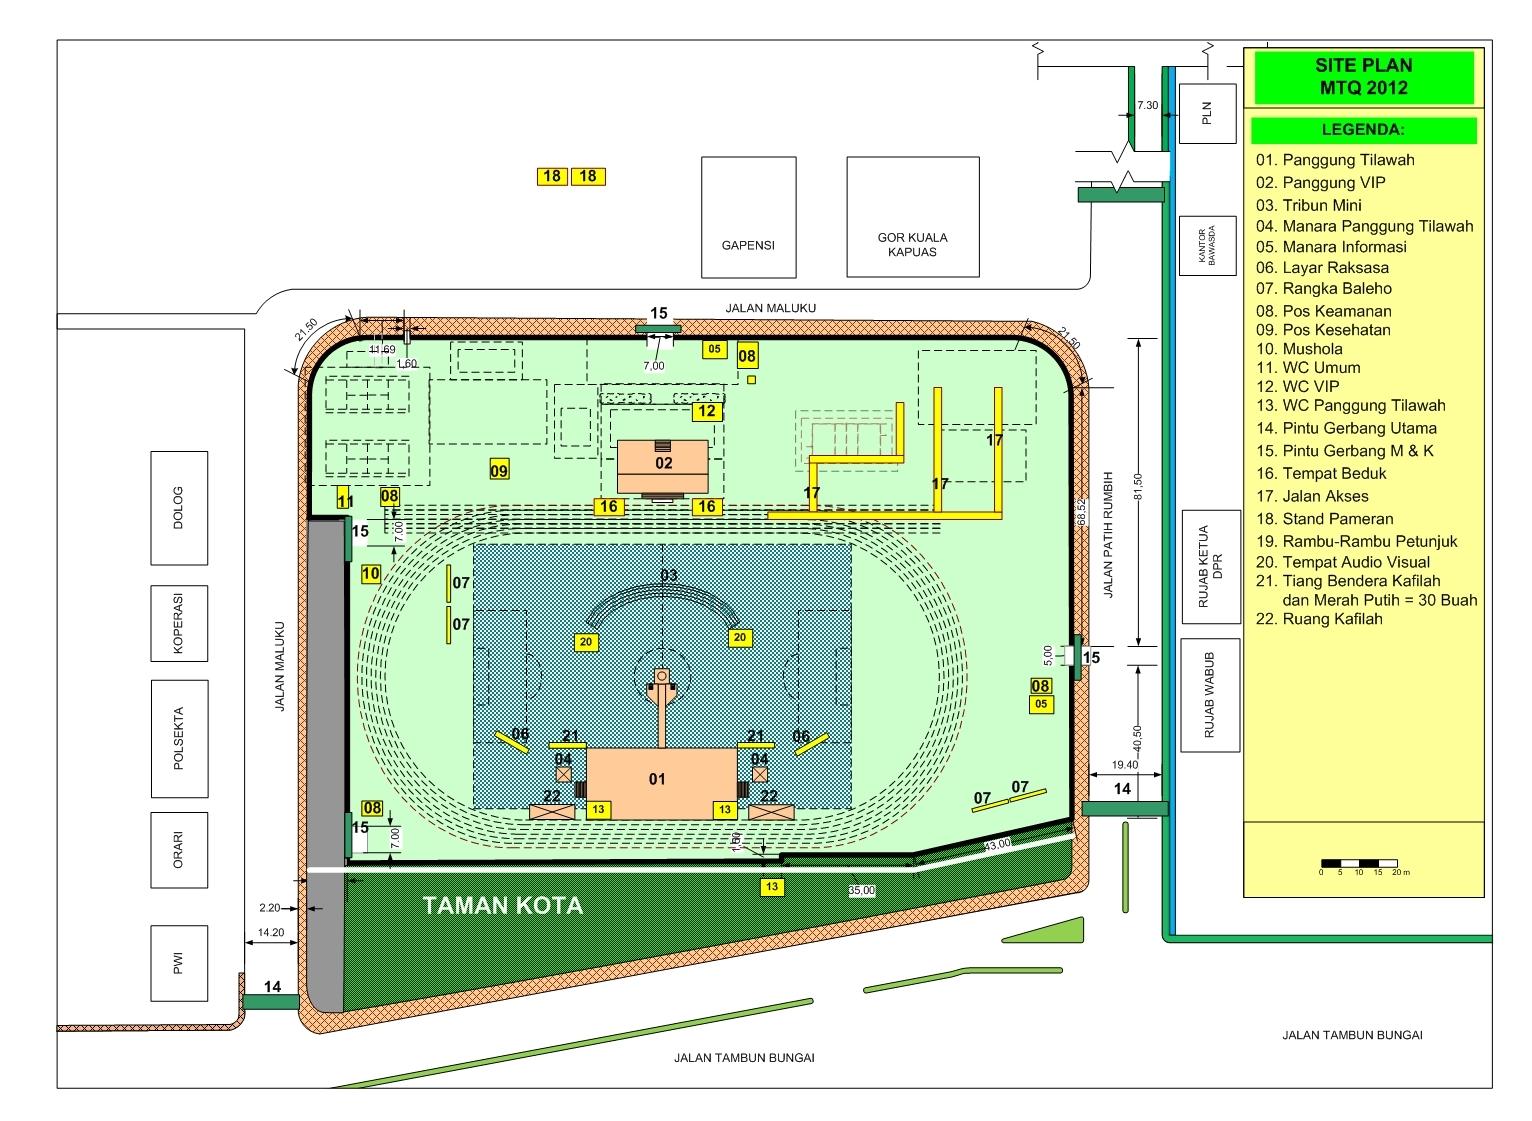 INFORMASI KAPUAS: Site Plan MTQ Kalteng 2012